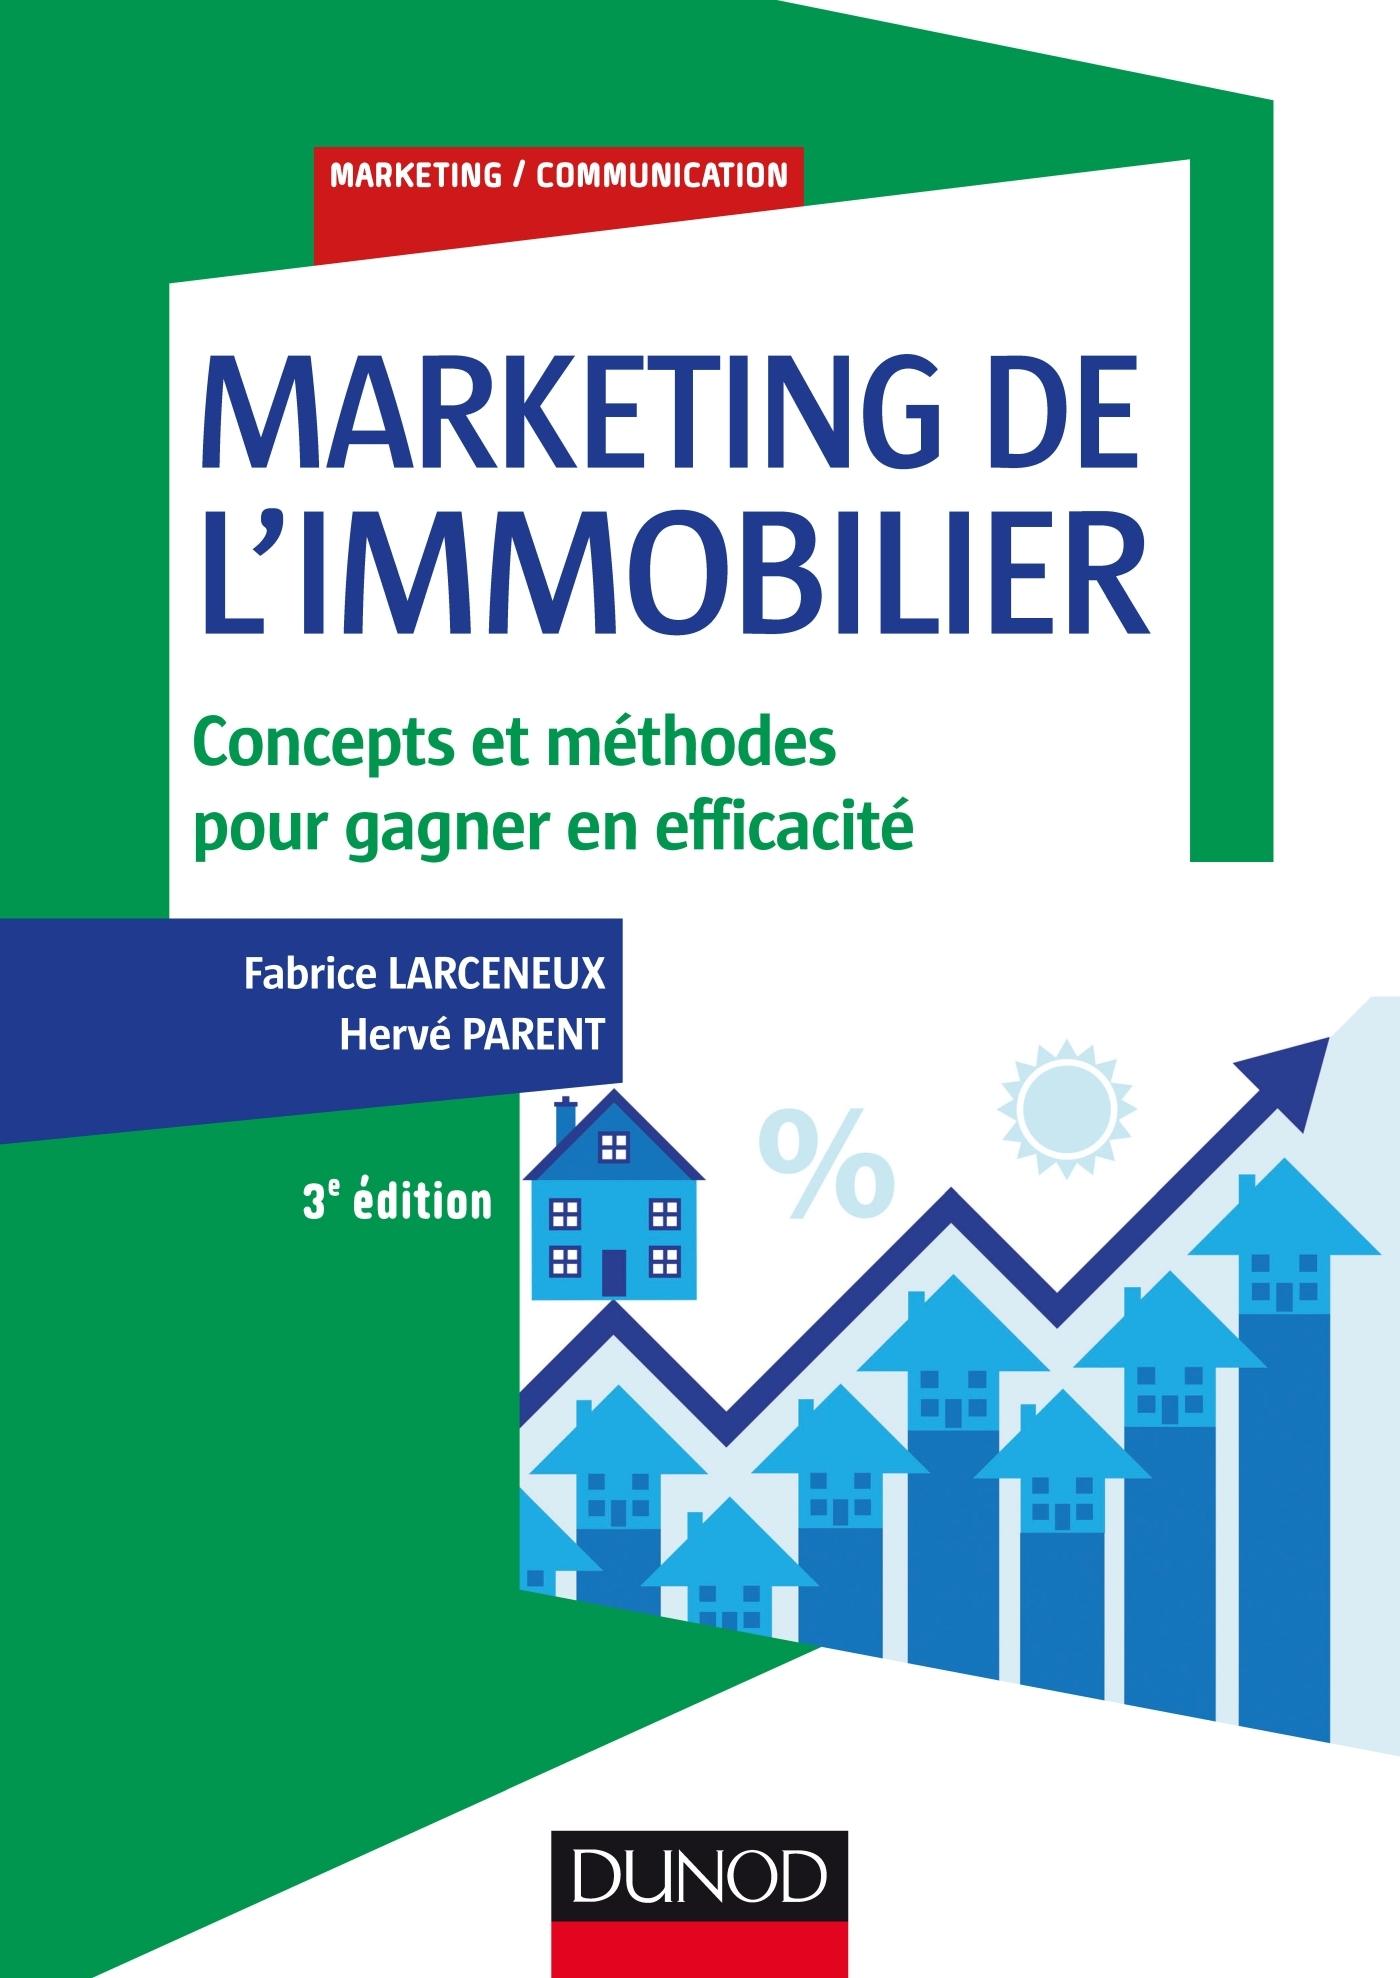 MARKETING DE L'IMMOBILIER - 3E ED. - CONCEPTS ET METHODES POUR GAGNER EN EFFICACITE